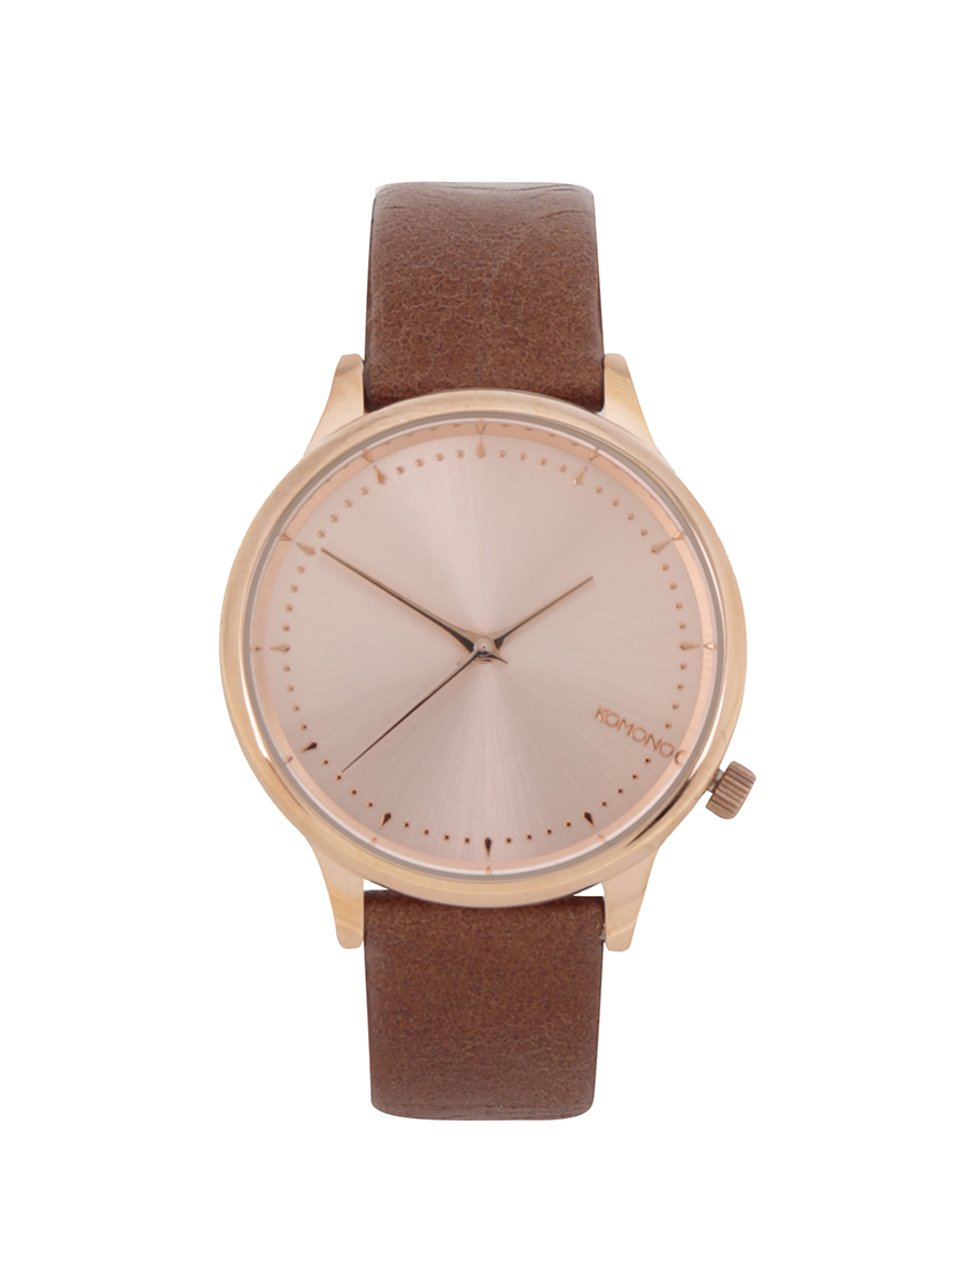 Dámske hodinky s hnedým koženým remienkom Komono Estelle 4c48dfe21dc